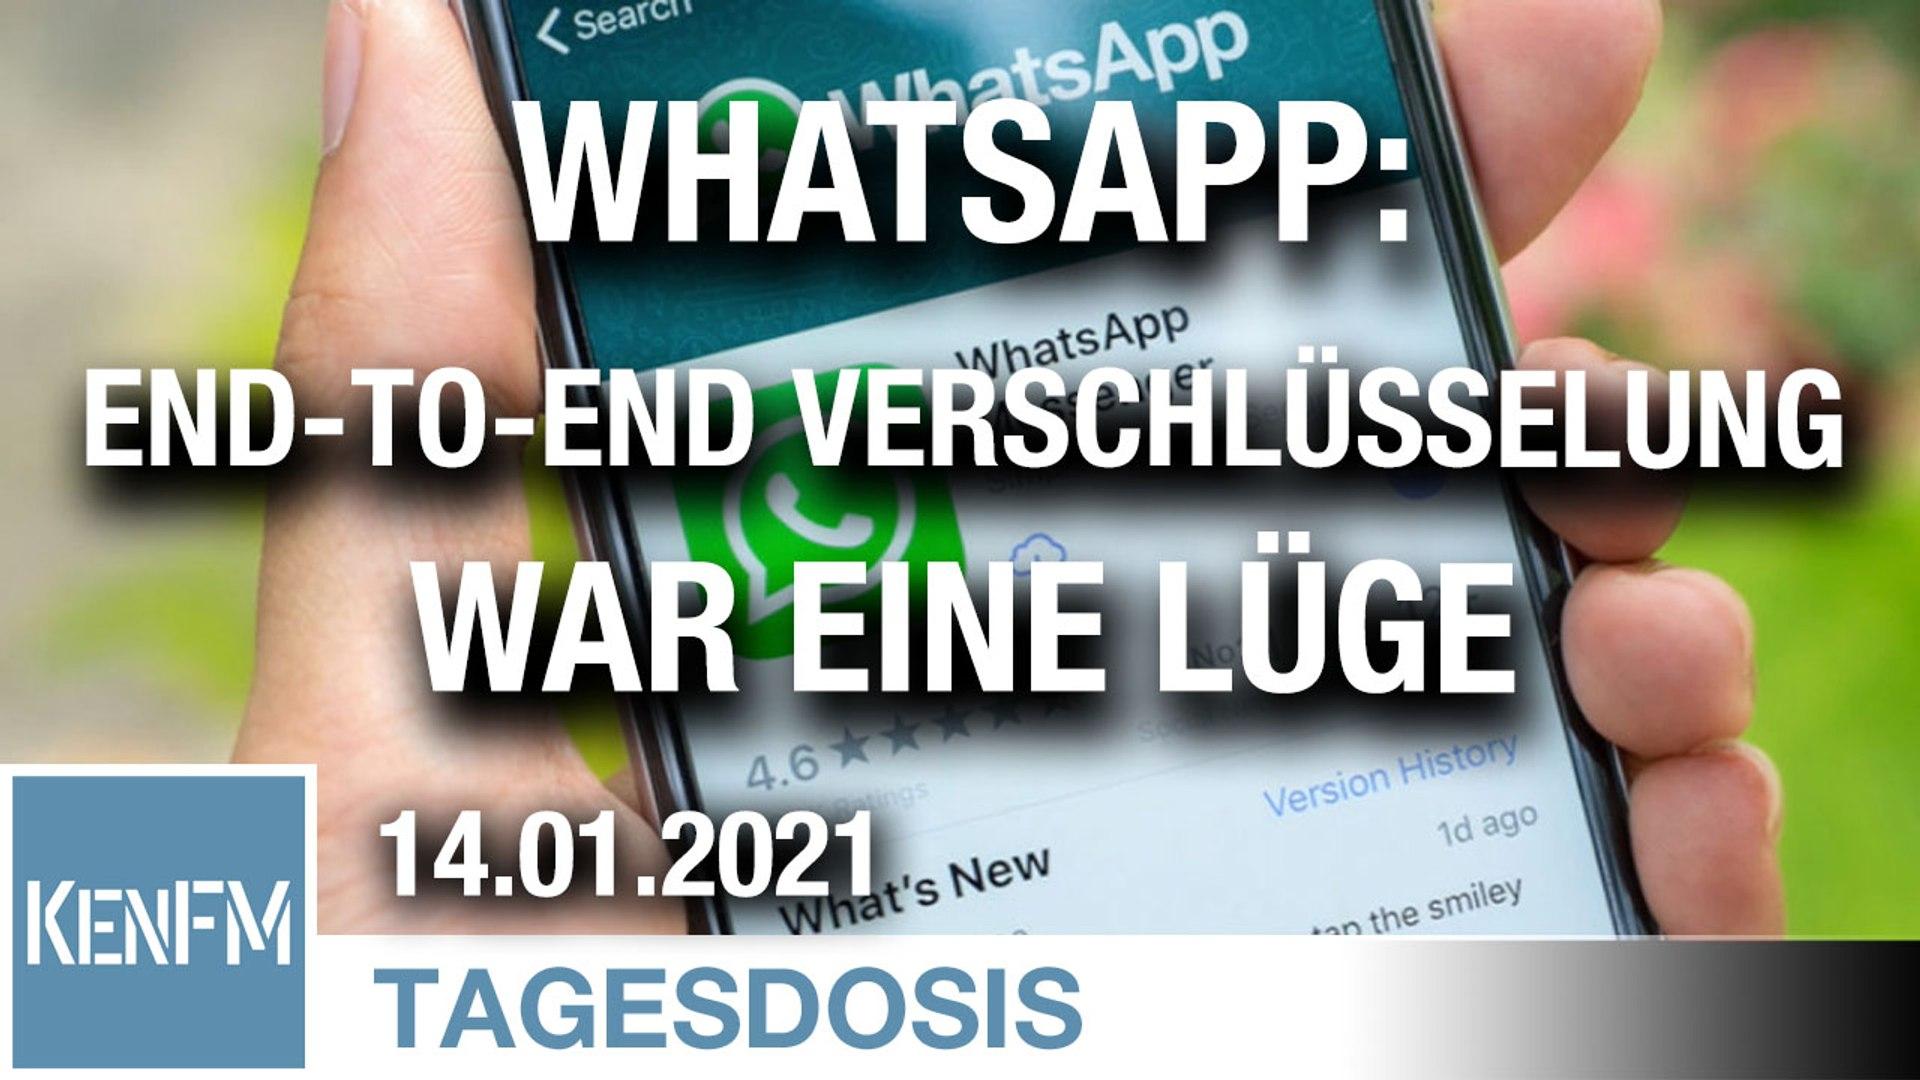 WhatsApp: Die End-to-End Verschlüsselung war eine Lüge